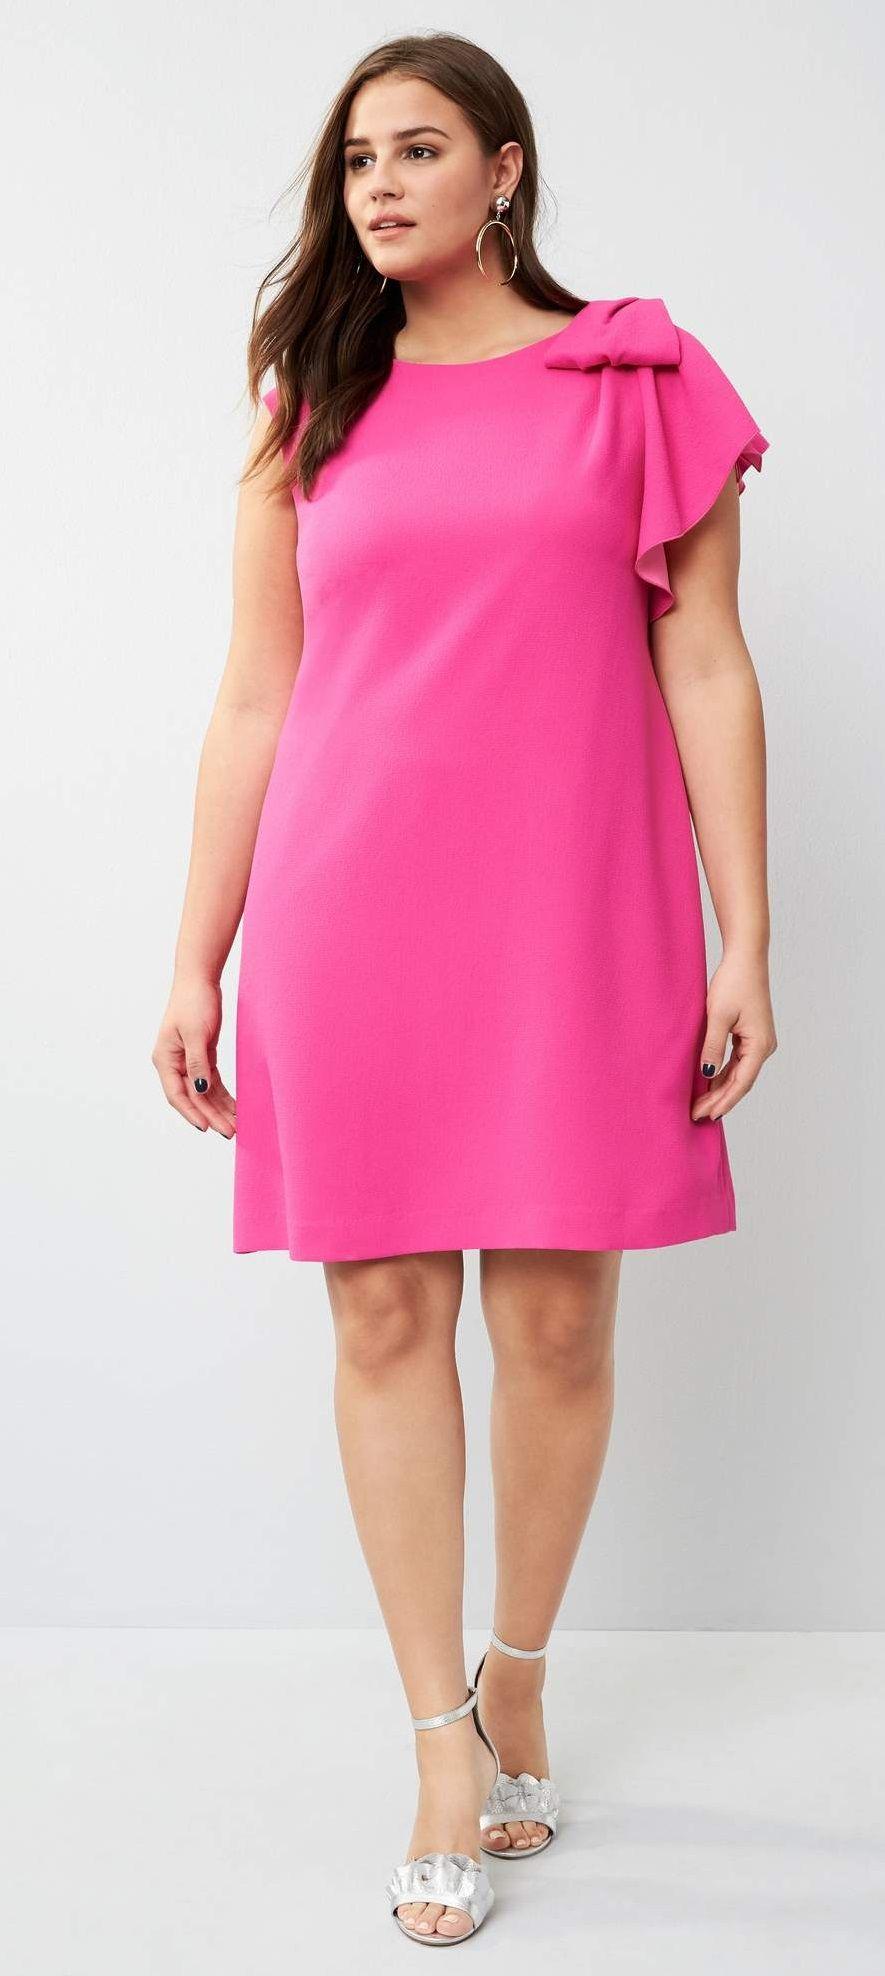 Plus Size Party Dress - Plus Size Cocktail Dress #plussize | Amazona ...